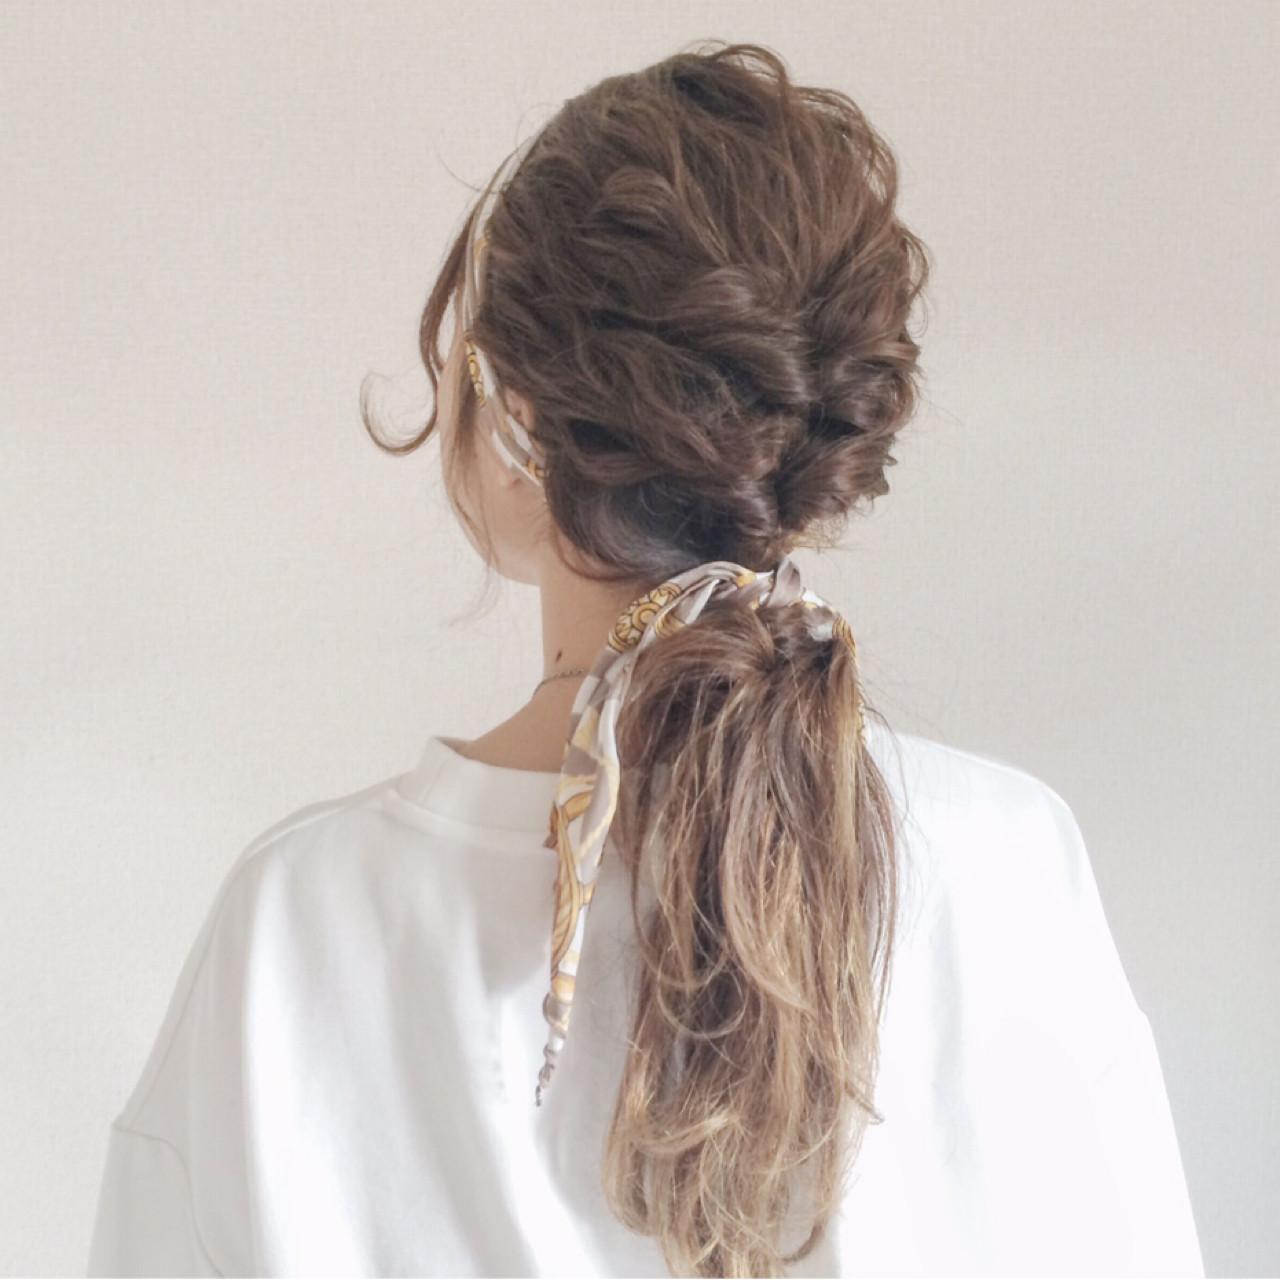 ポニーテール×スカーフで作る簡単可愛いヘアスタイル♡ Yoshimi